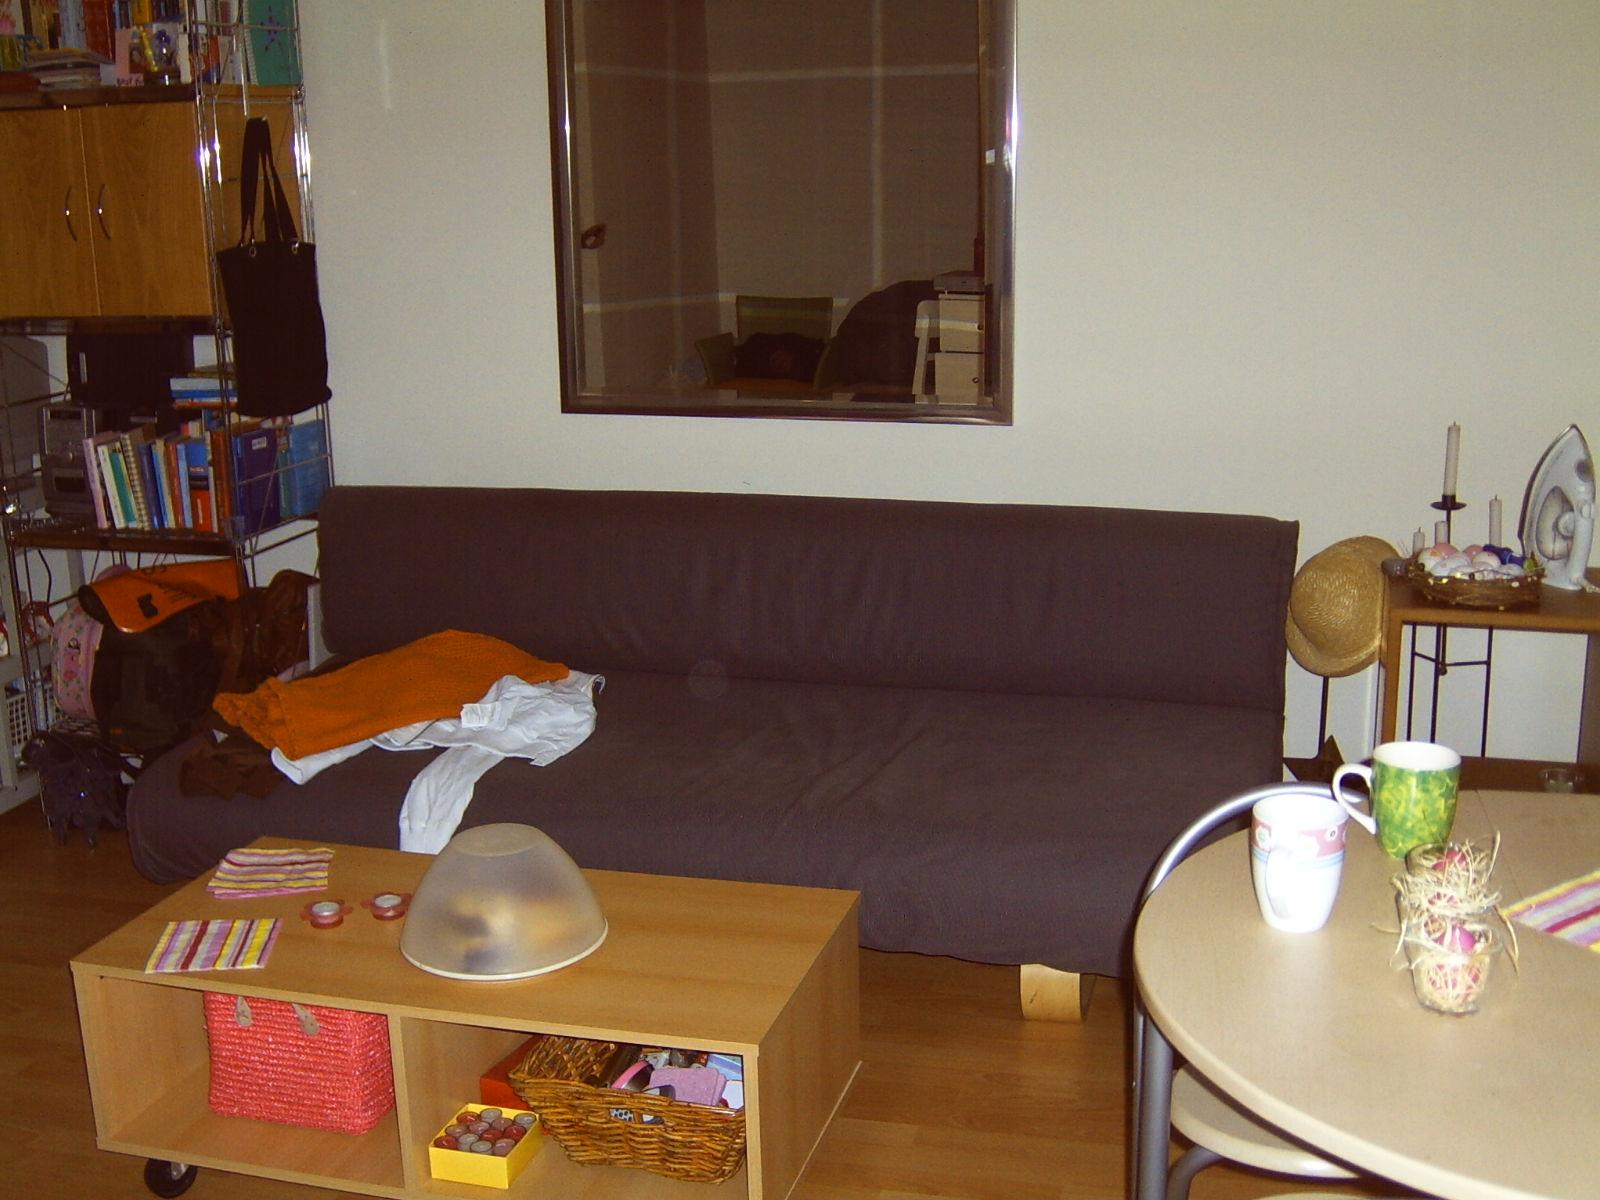 m bel und haushalt kleinanzeigen in m nchen seite 5. Black Bedroom Furniture Sets. Home Design Ideas